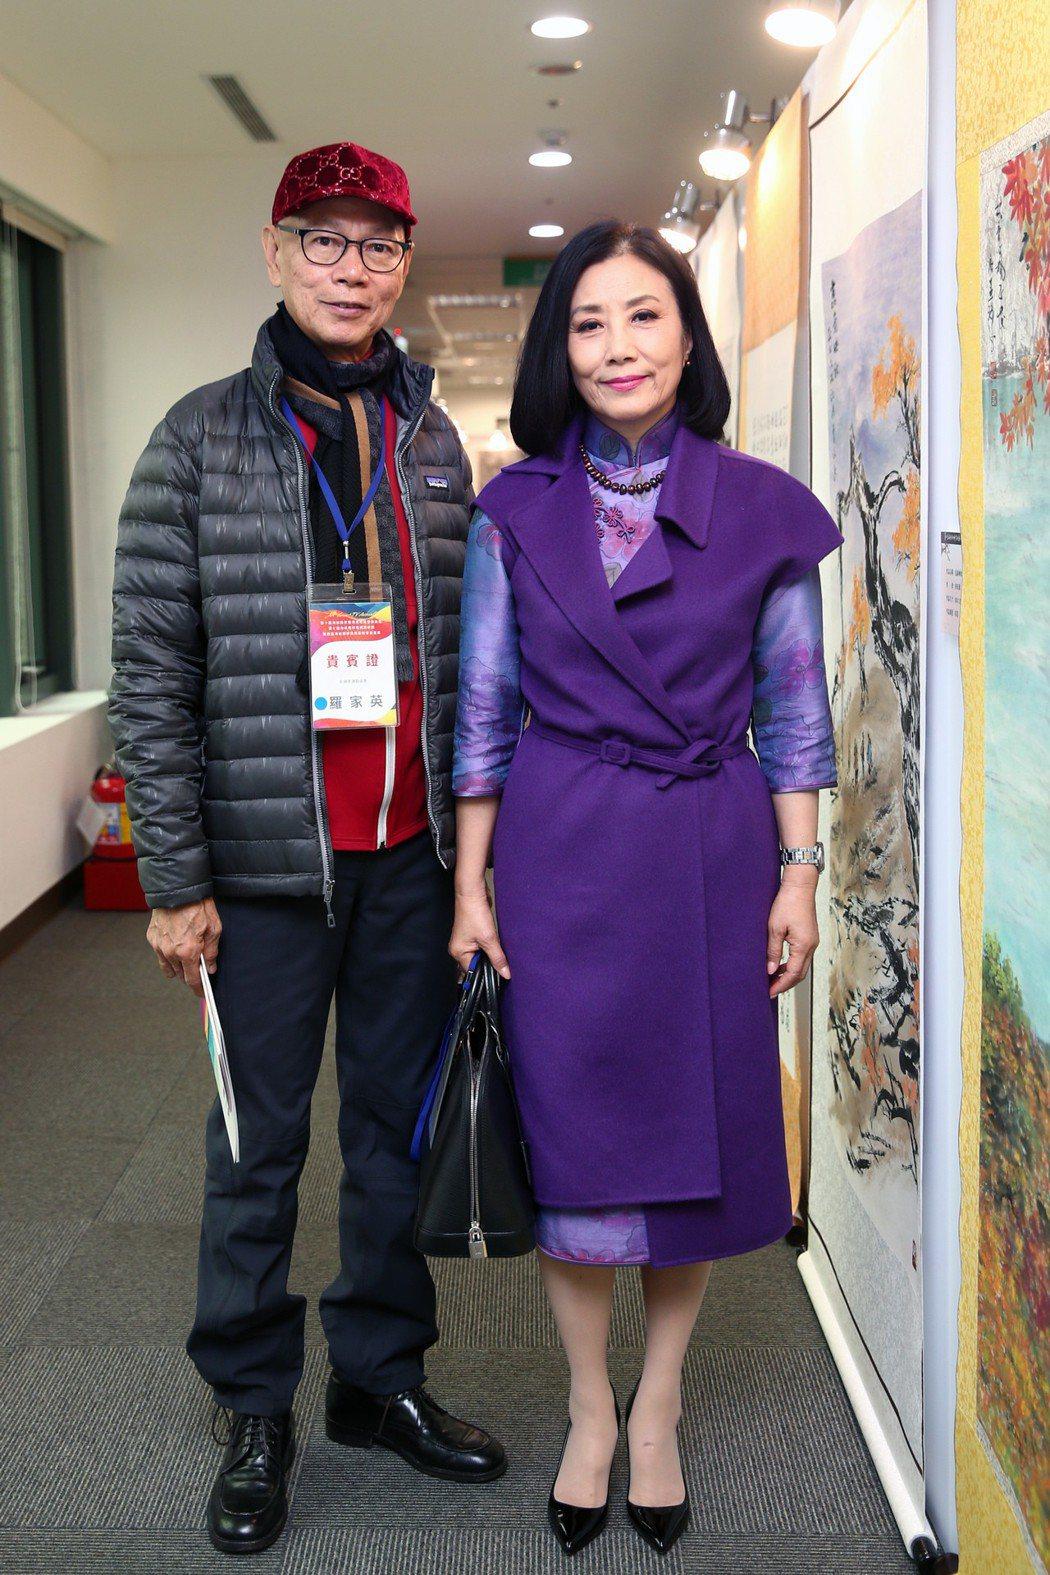 羅家英(左)與老婆汪明荃(右)。 圖/聯合報系資料照